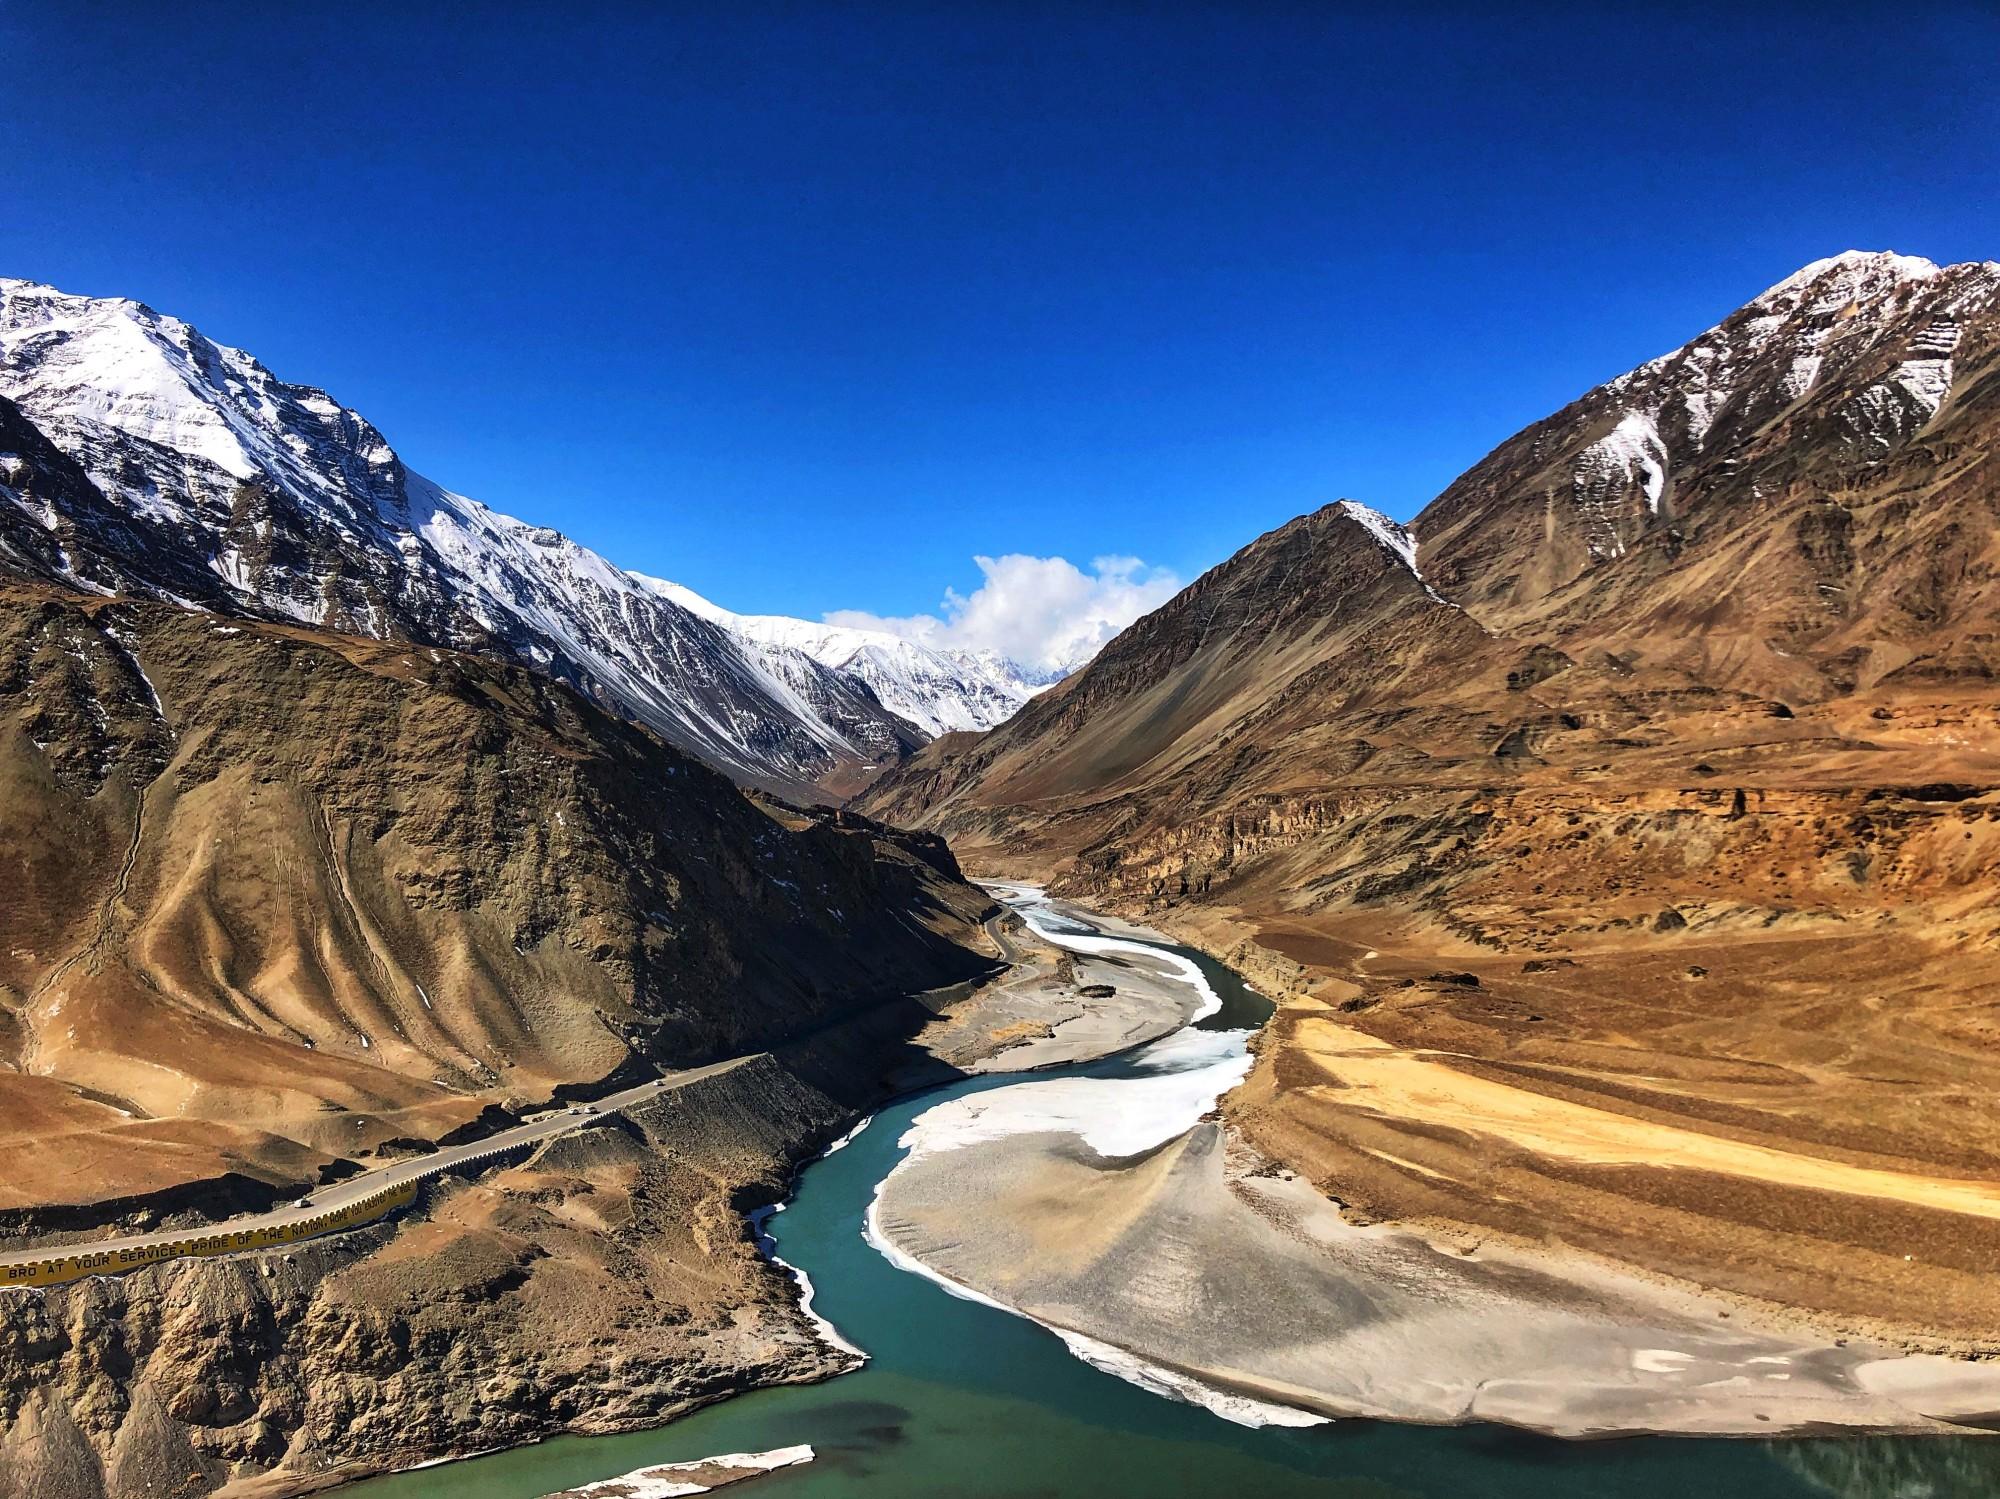 Sham Valley, Ladakh's Not-So 'Baby Trek'